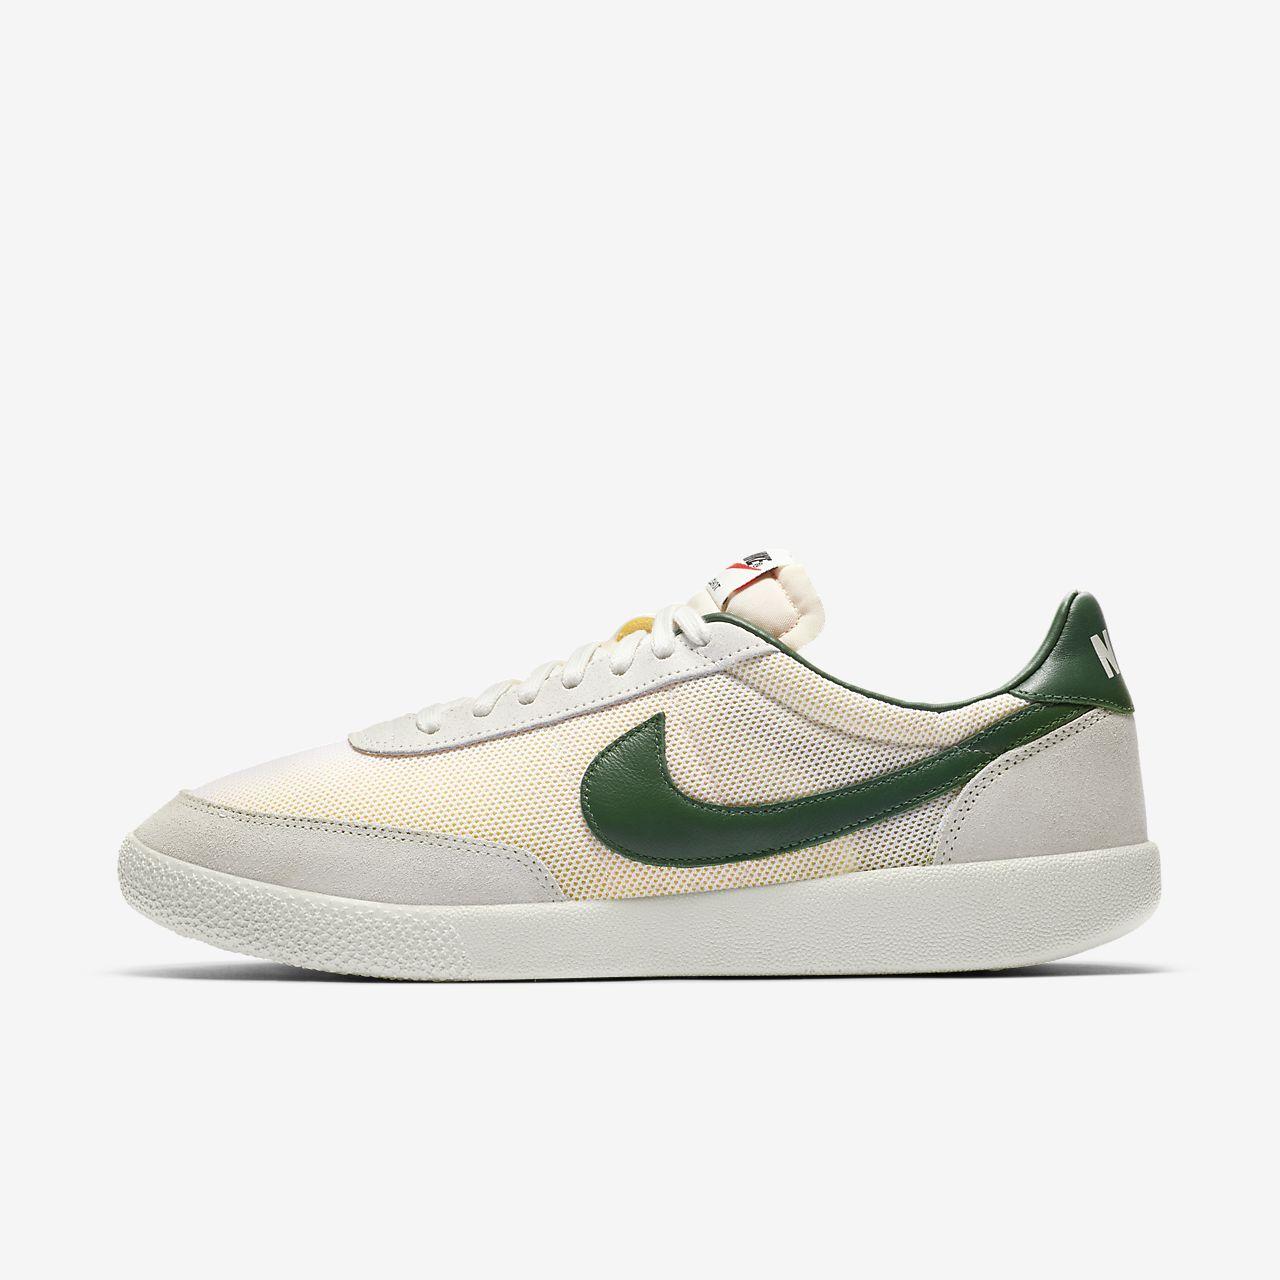 Nike Killshot OG SP Men's Shoe